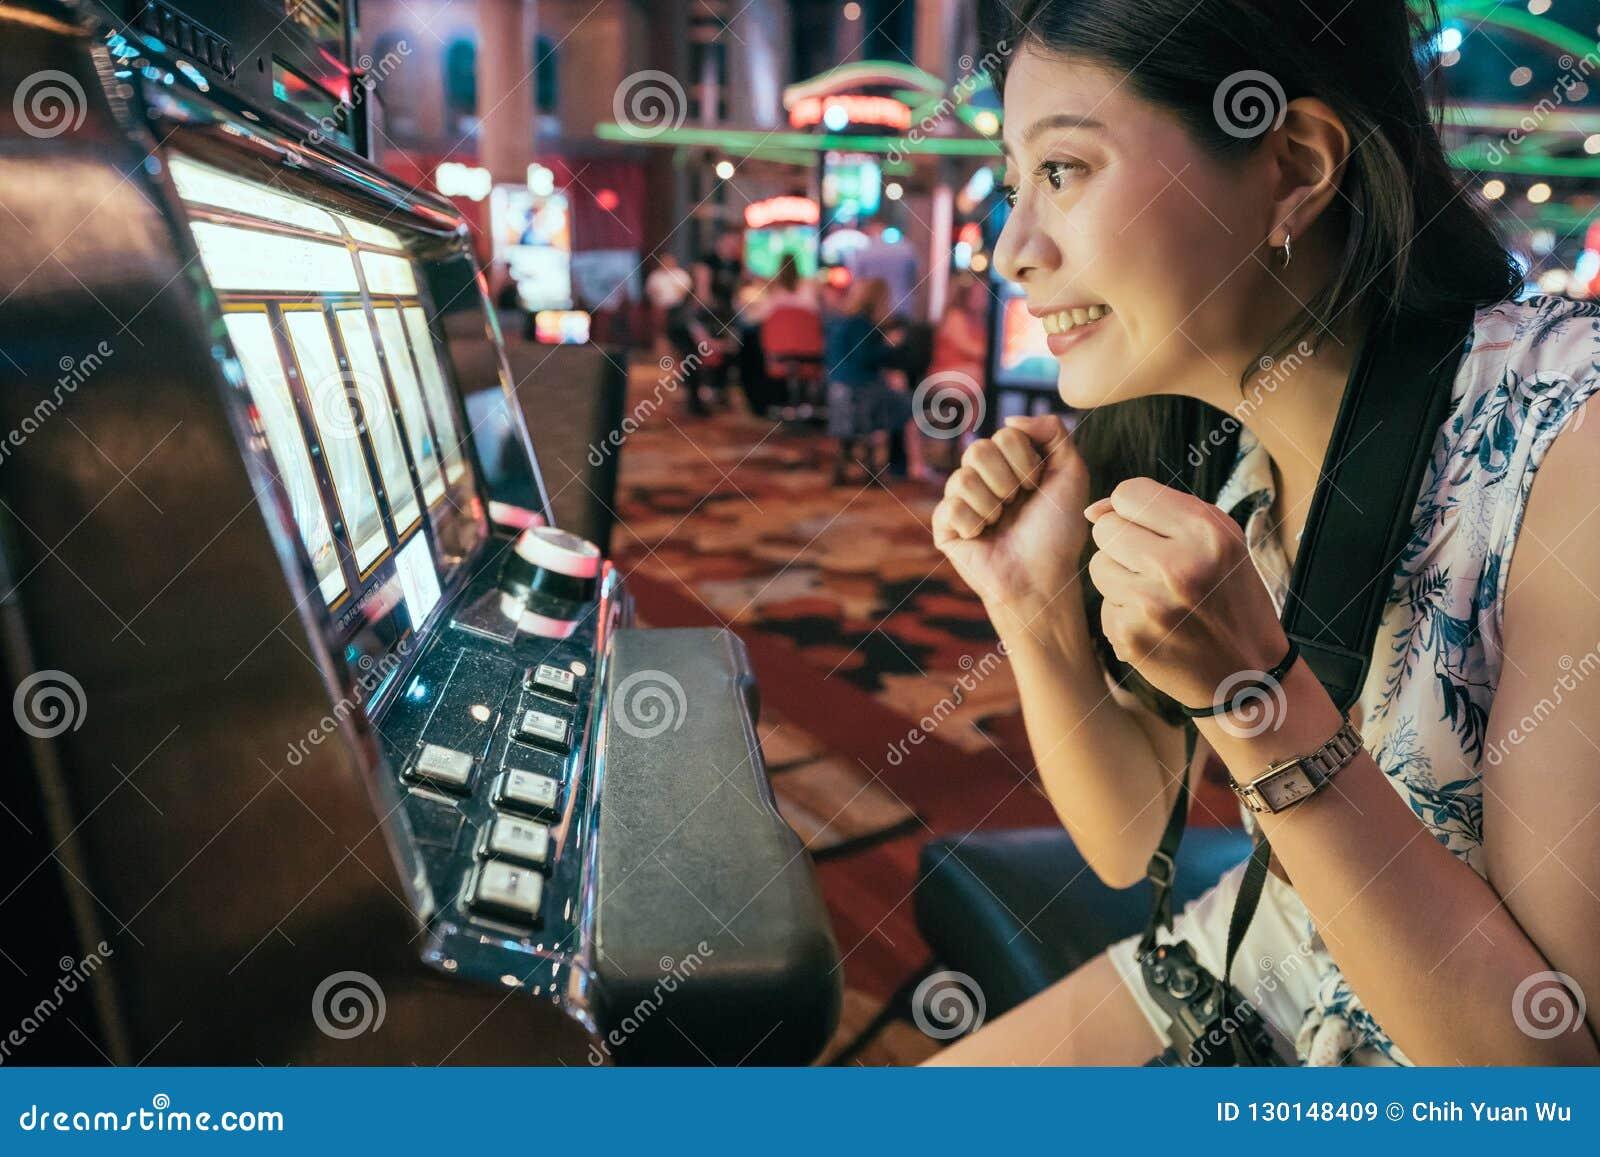 亚洲赌博在演奏老虎机的赌博娱乐场